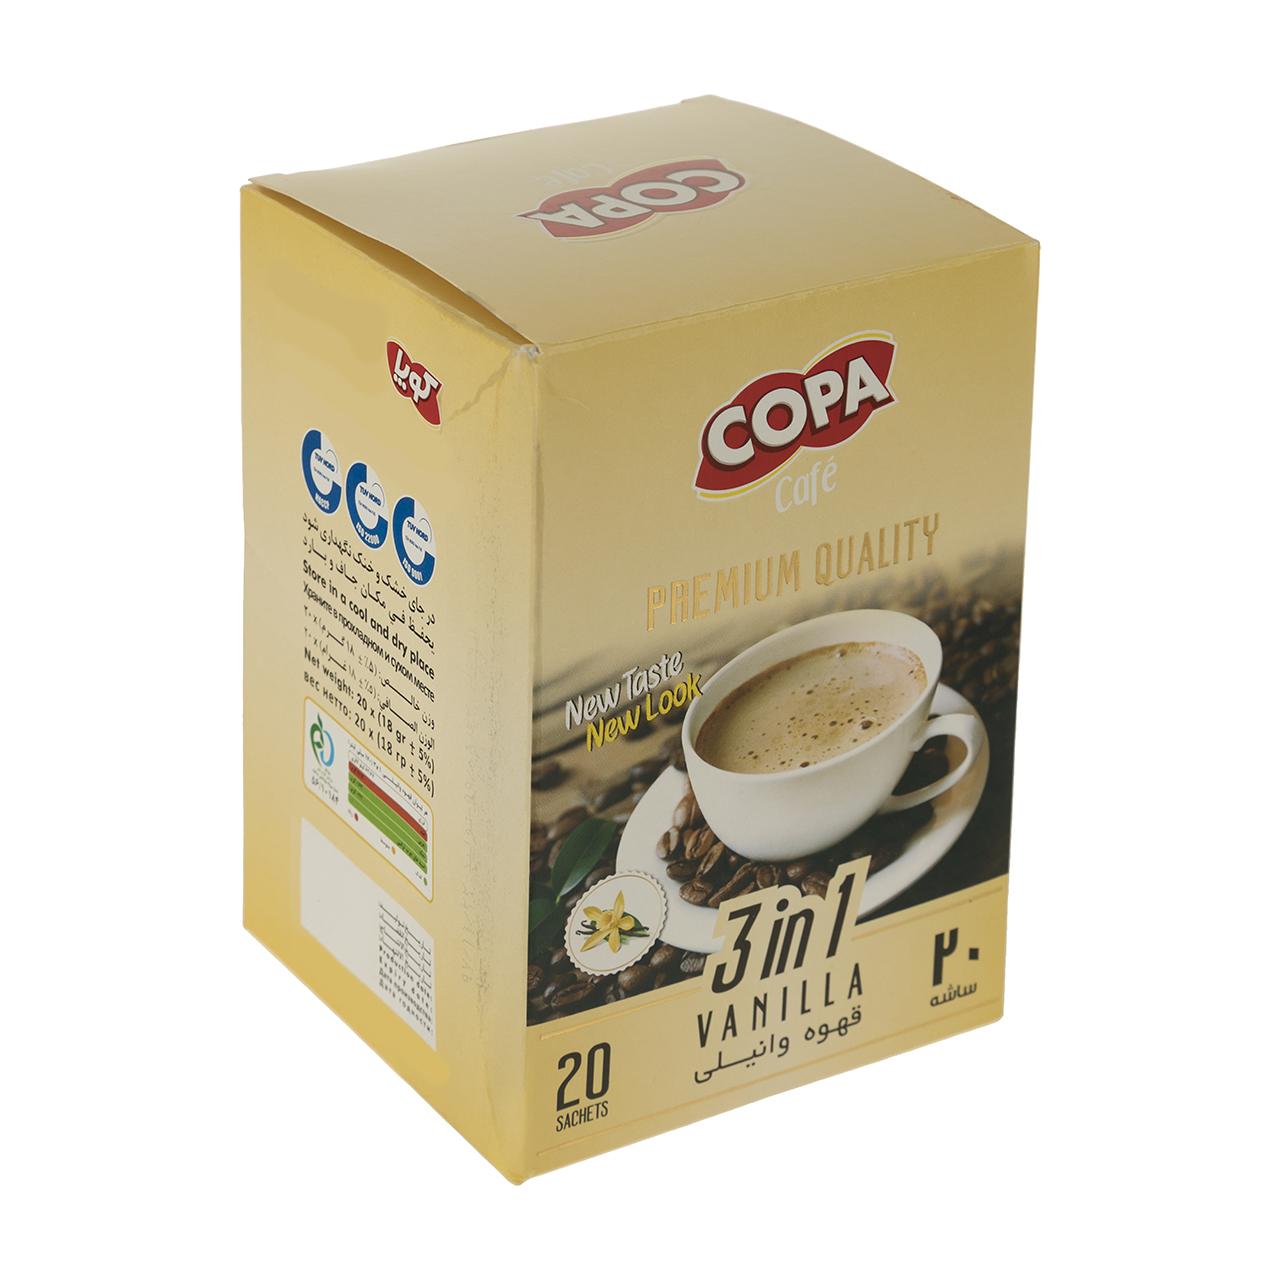 قهوه وانیلی کوپا مقدار 18 گرم بسته 20 عددی thumb